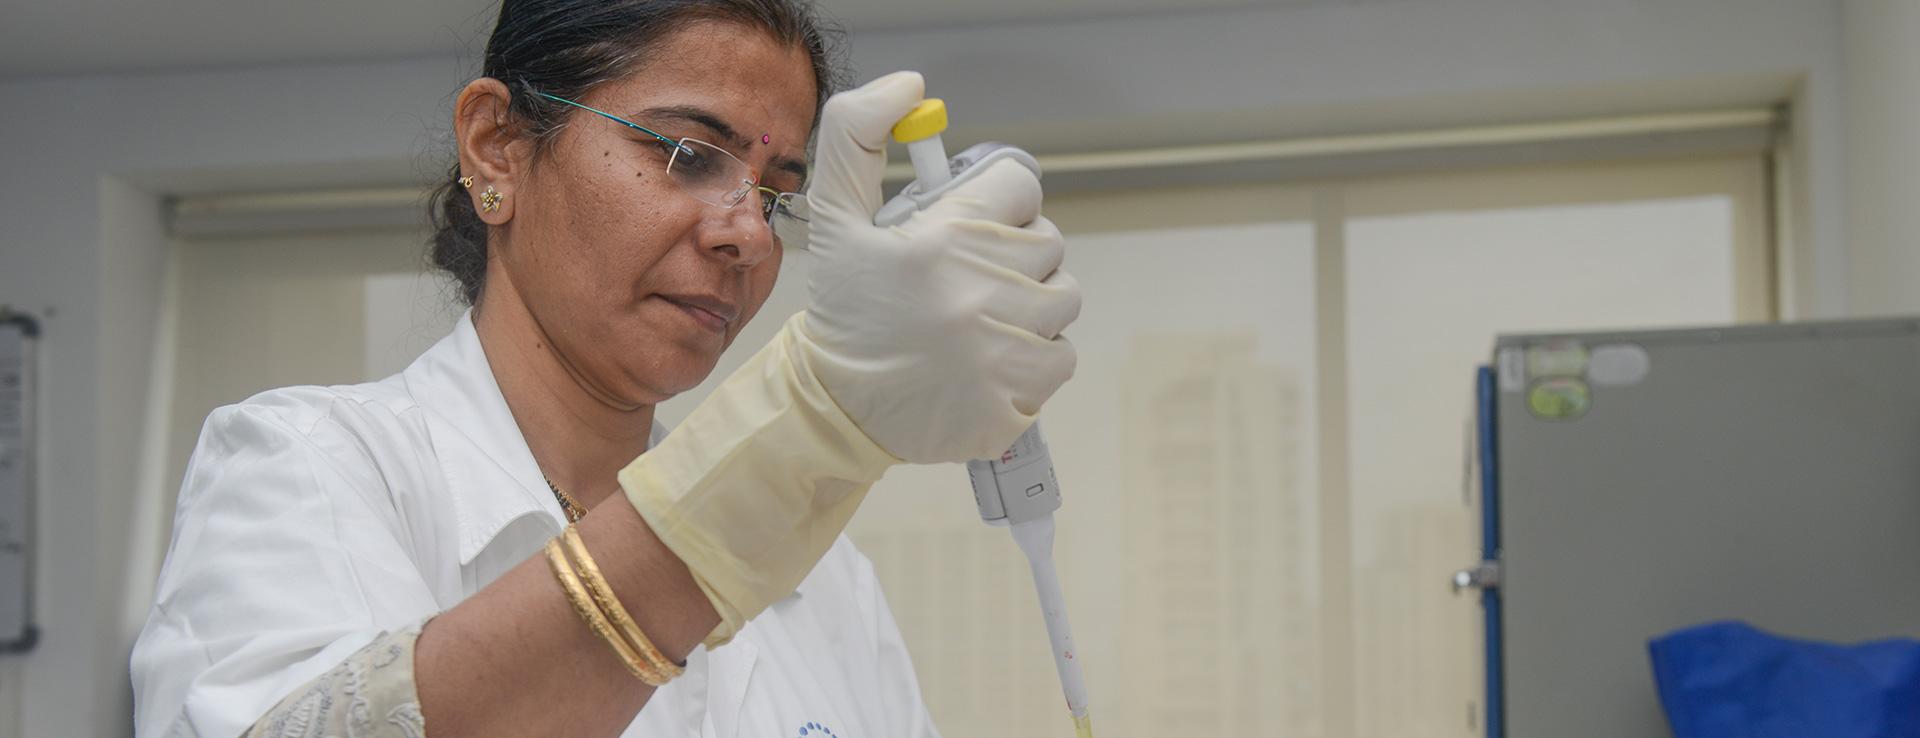 laboratory-medicine